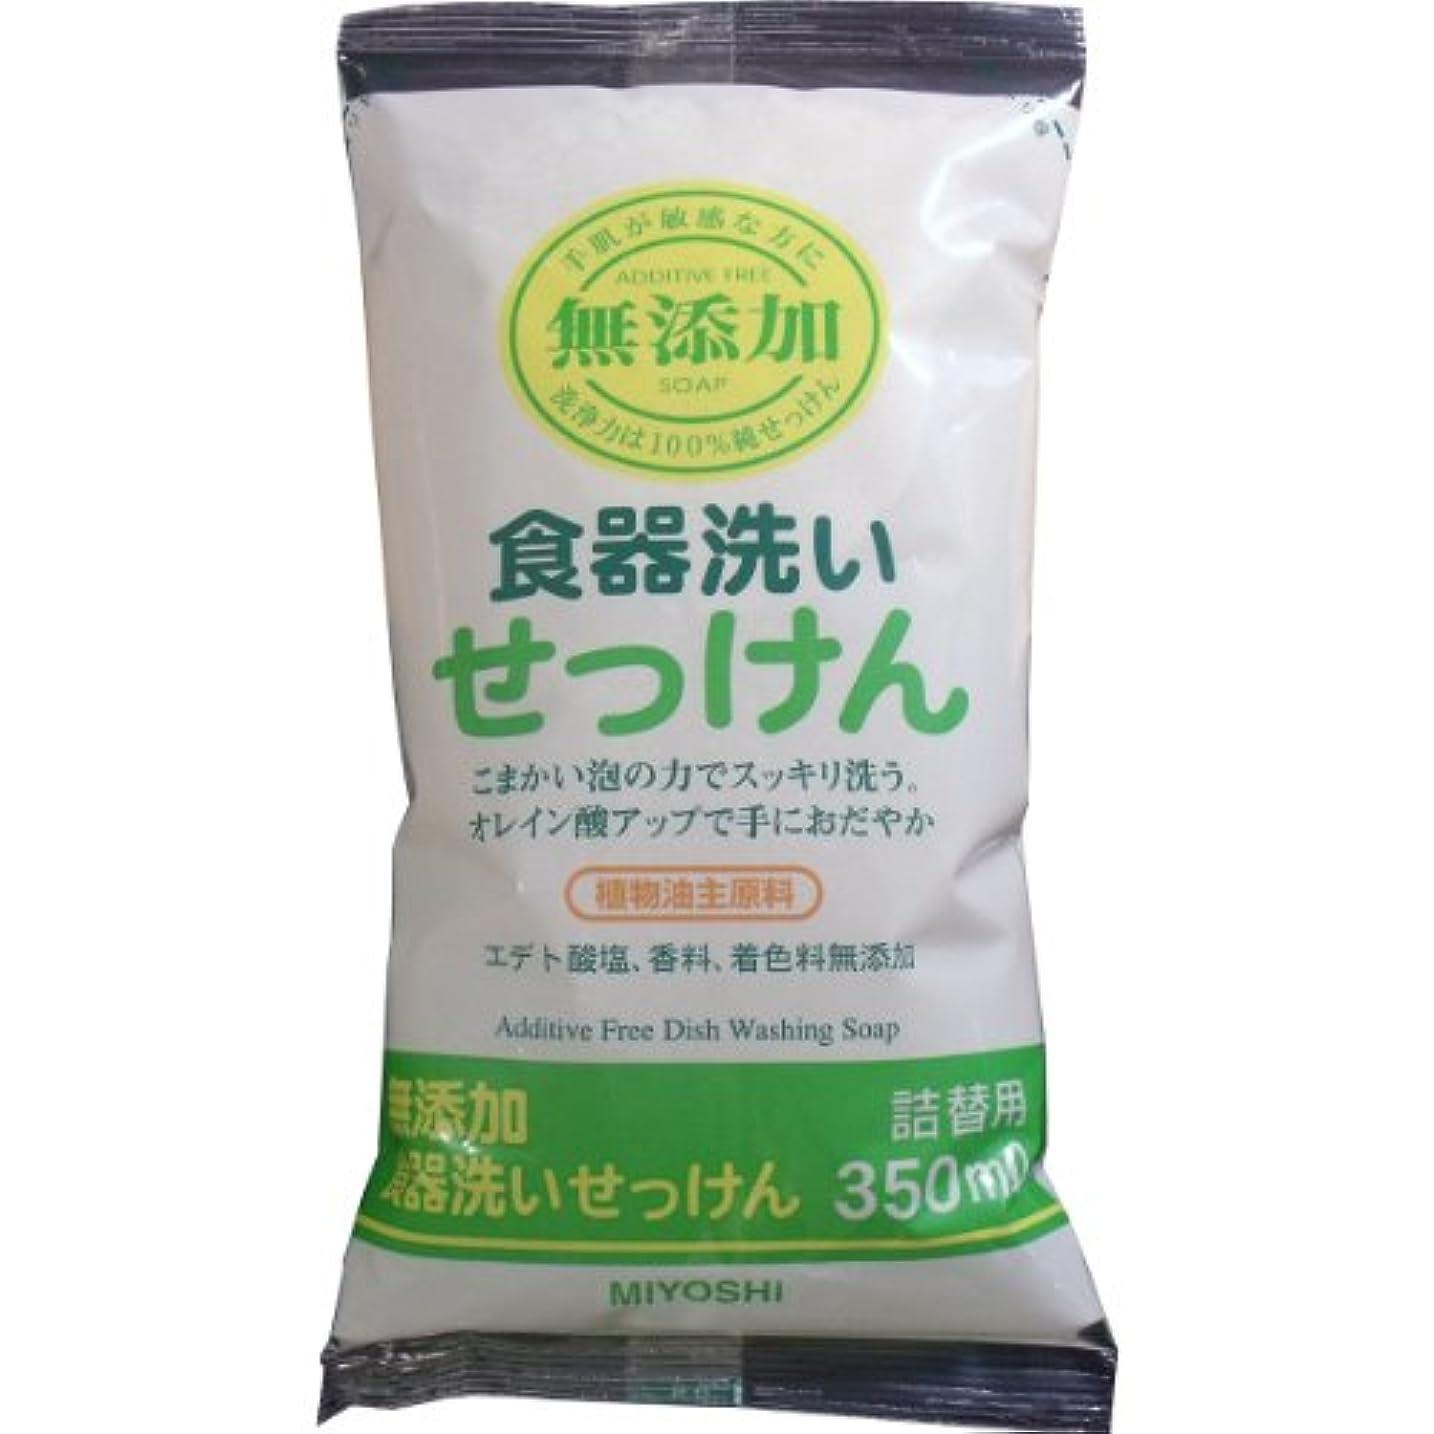 ミヨシ 無添加 食器洗いせっけん つめかえ用 350ml(無添加石鹸)